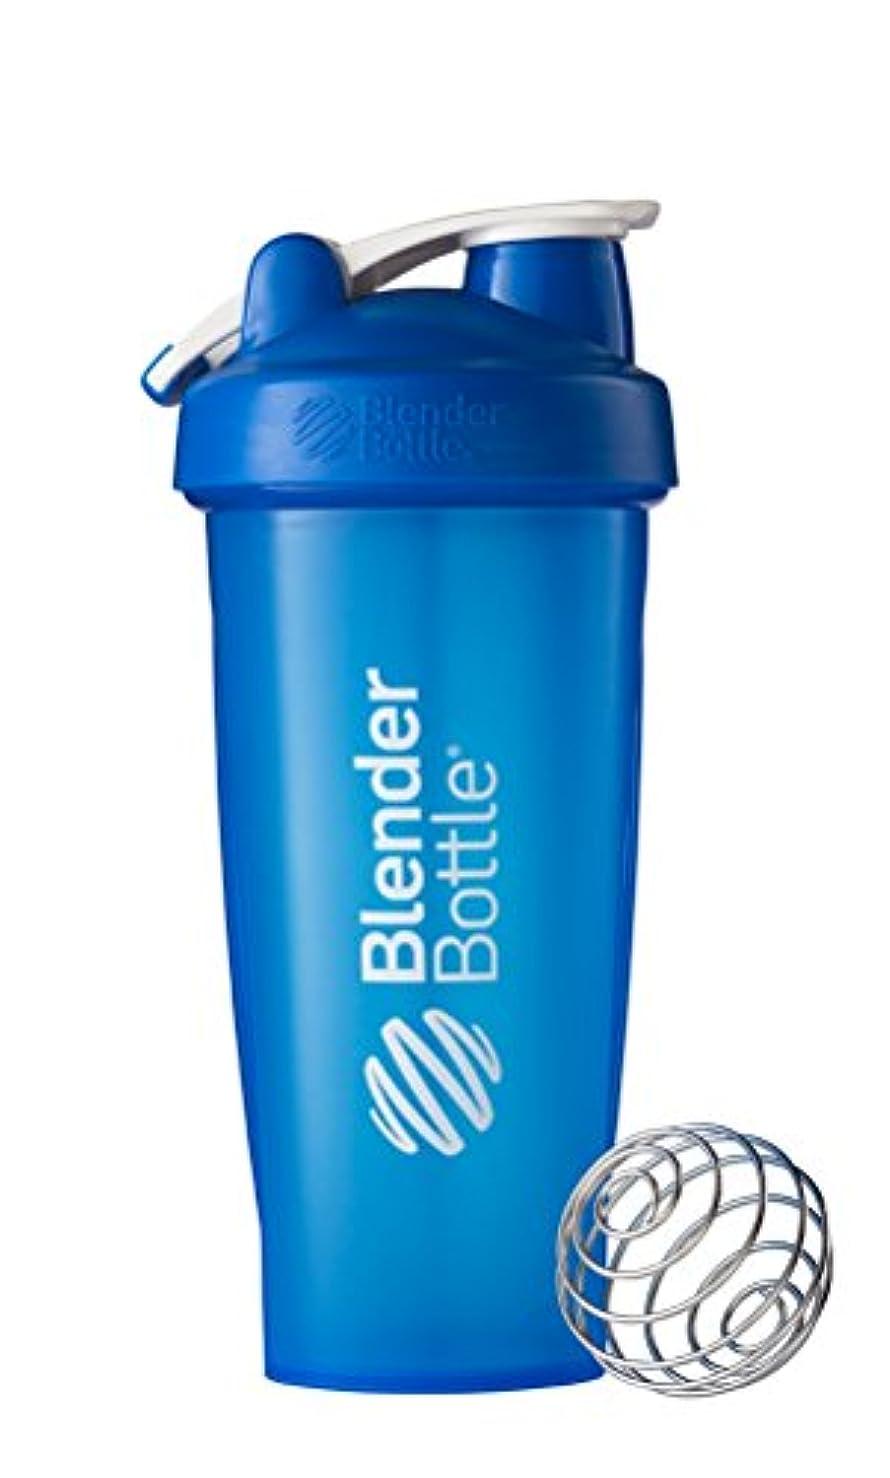 無限大殺人者衝突コースBlender Bottle - ループ全色青で古典的なシェーカー ボトル - 28ポンド Sundesa で